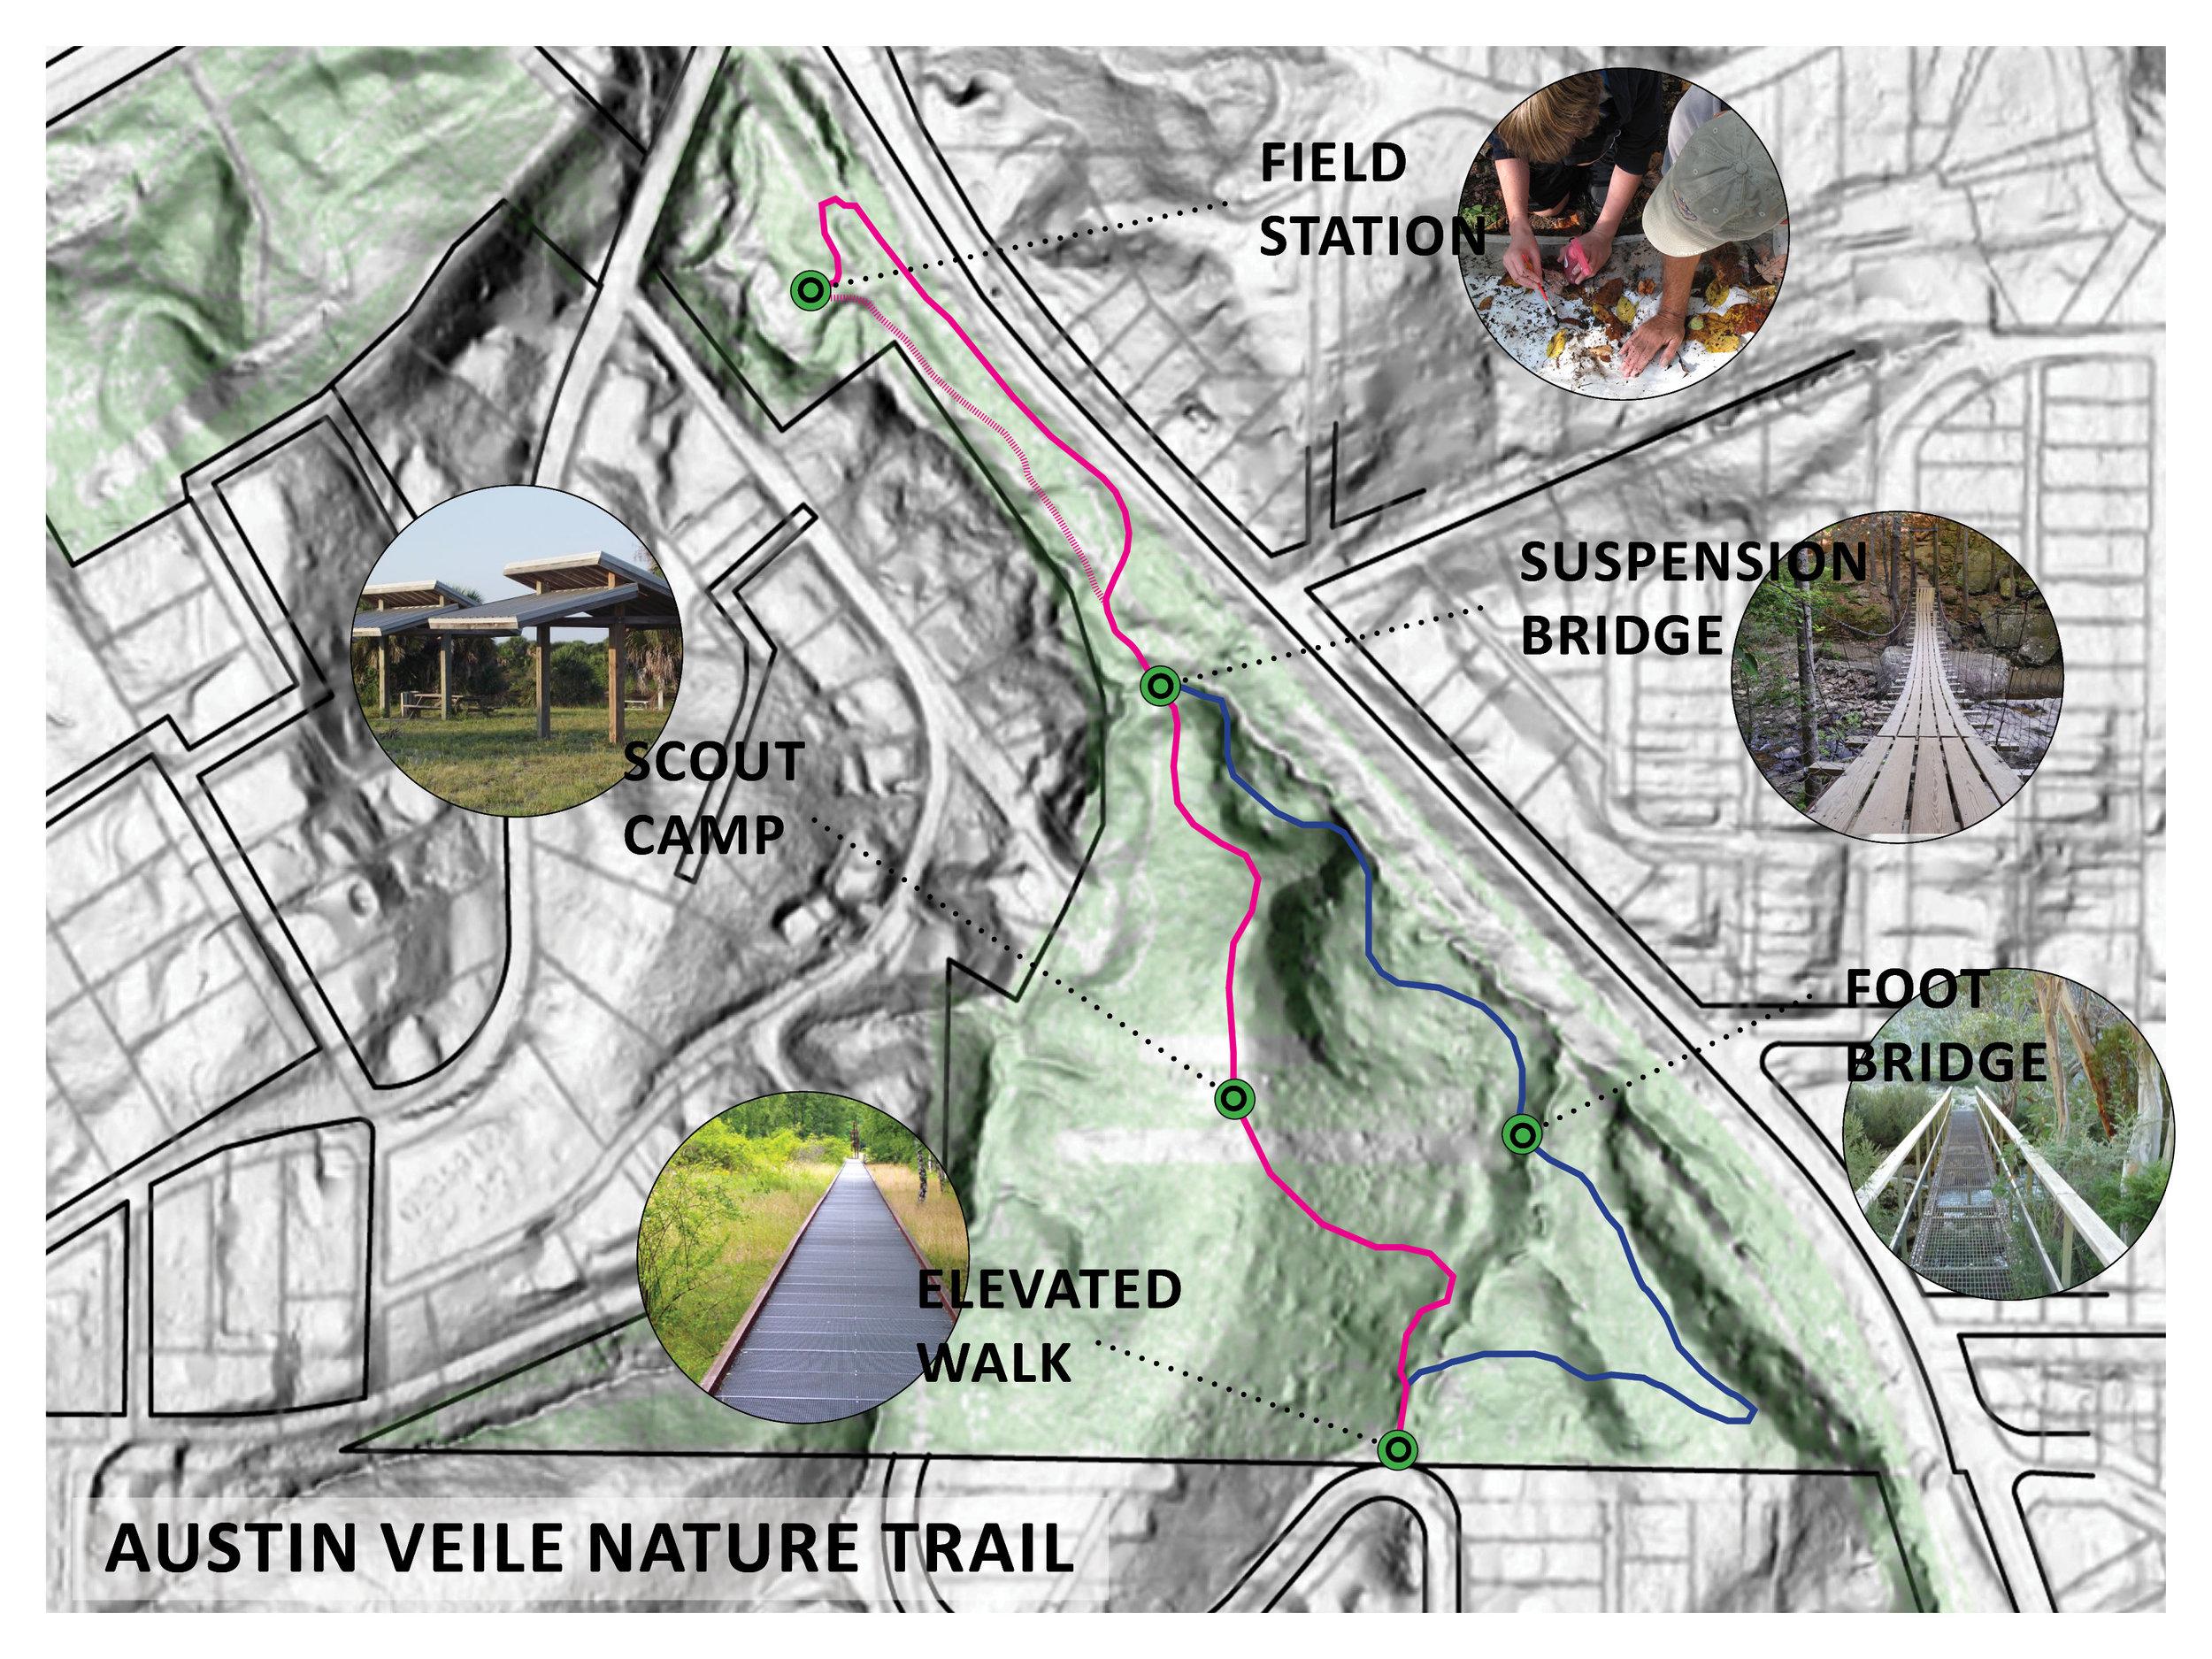 Austin Veiles trail .jpg